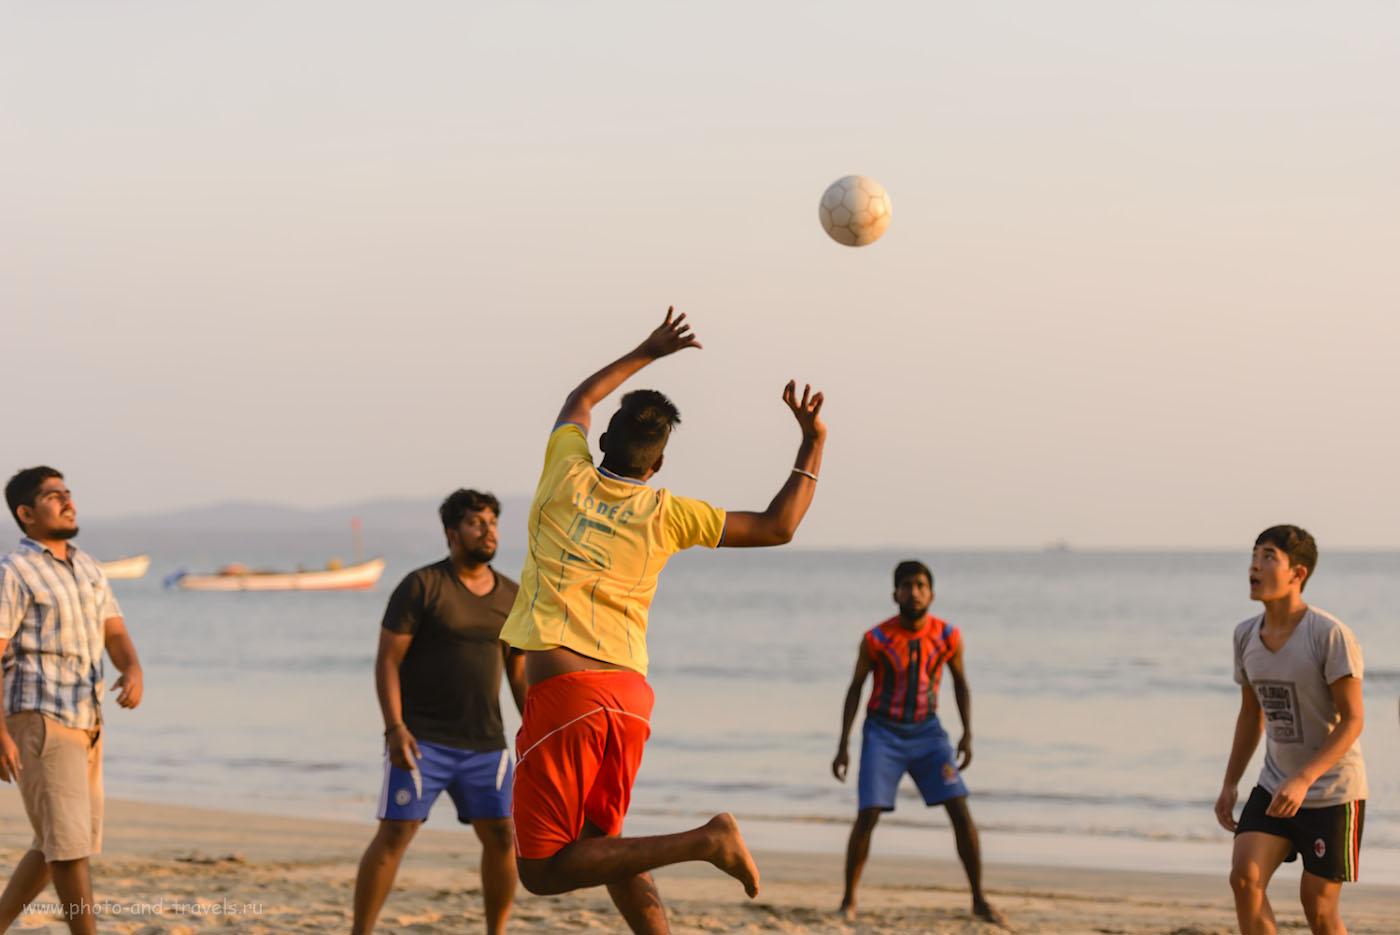 Фотография 19. Пляжный волейбол на Палолеме. Отзывы об отдыхе на Южном Гоа в марте. 1/1600, 0.67, 2.8, 640, 82.